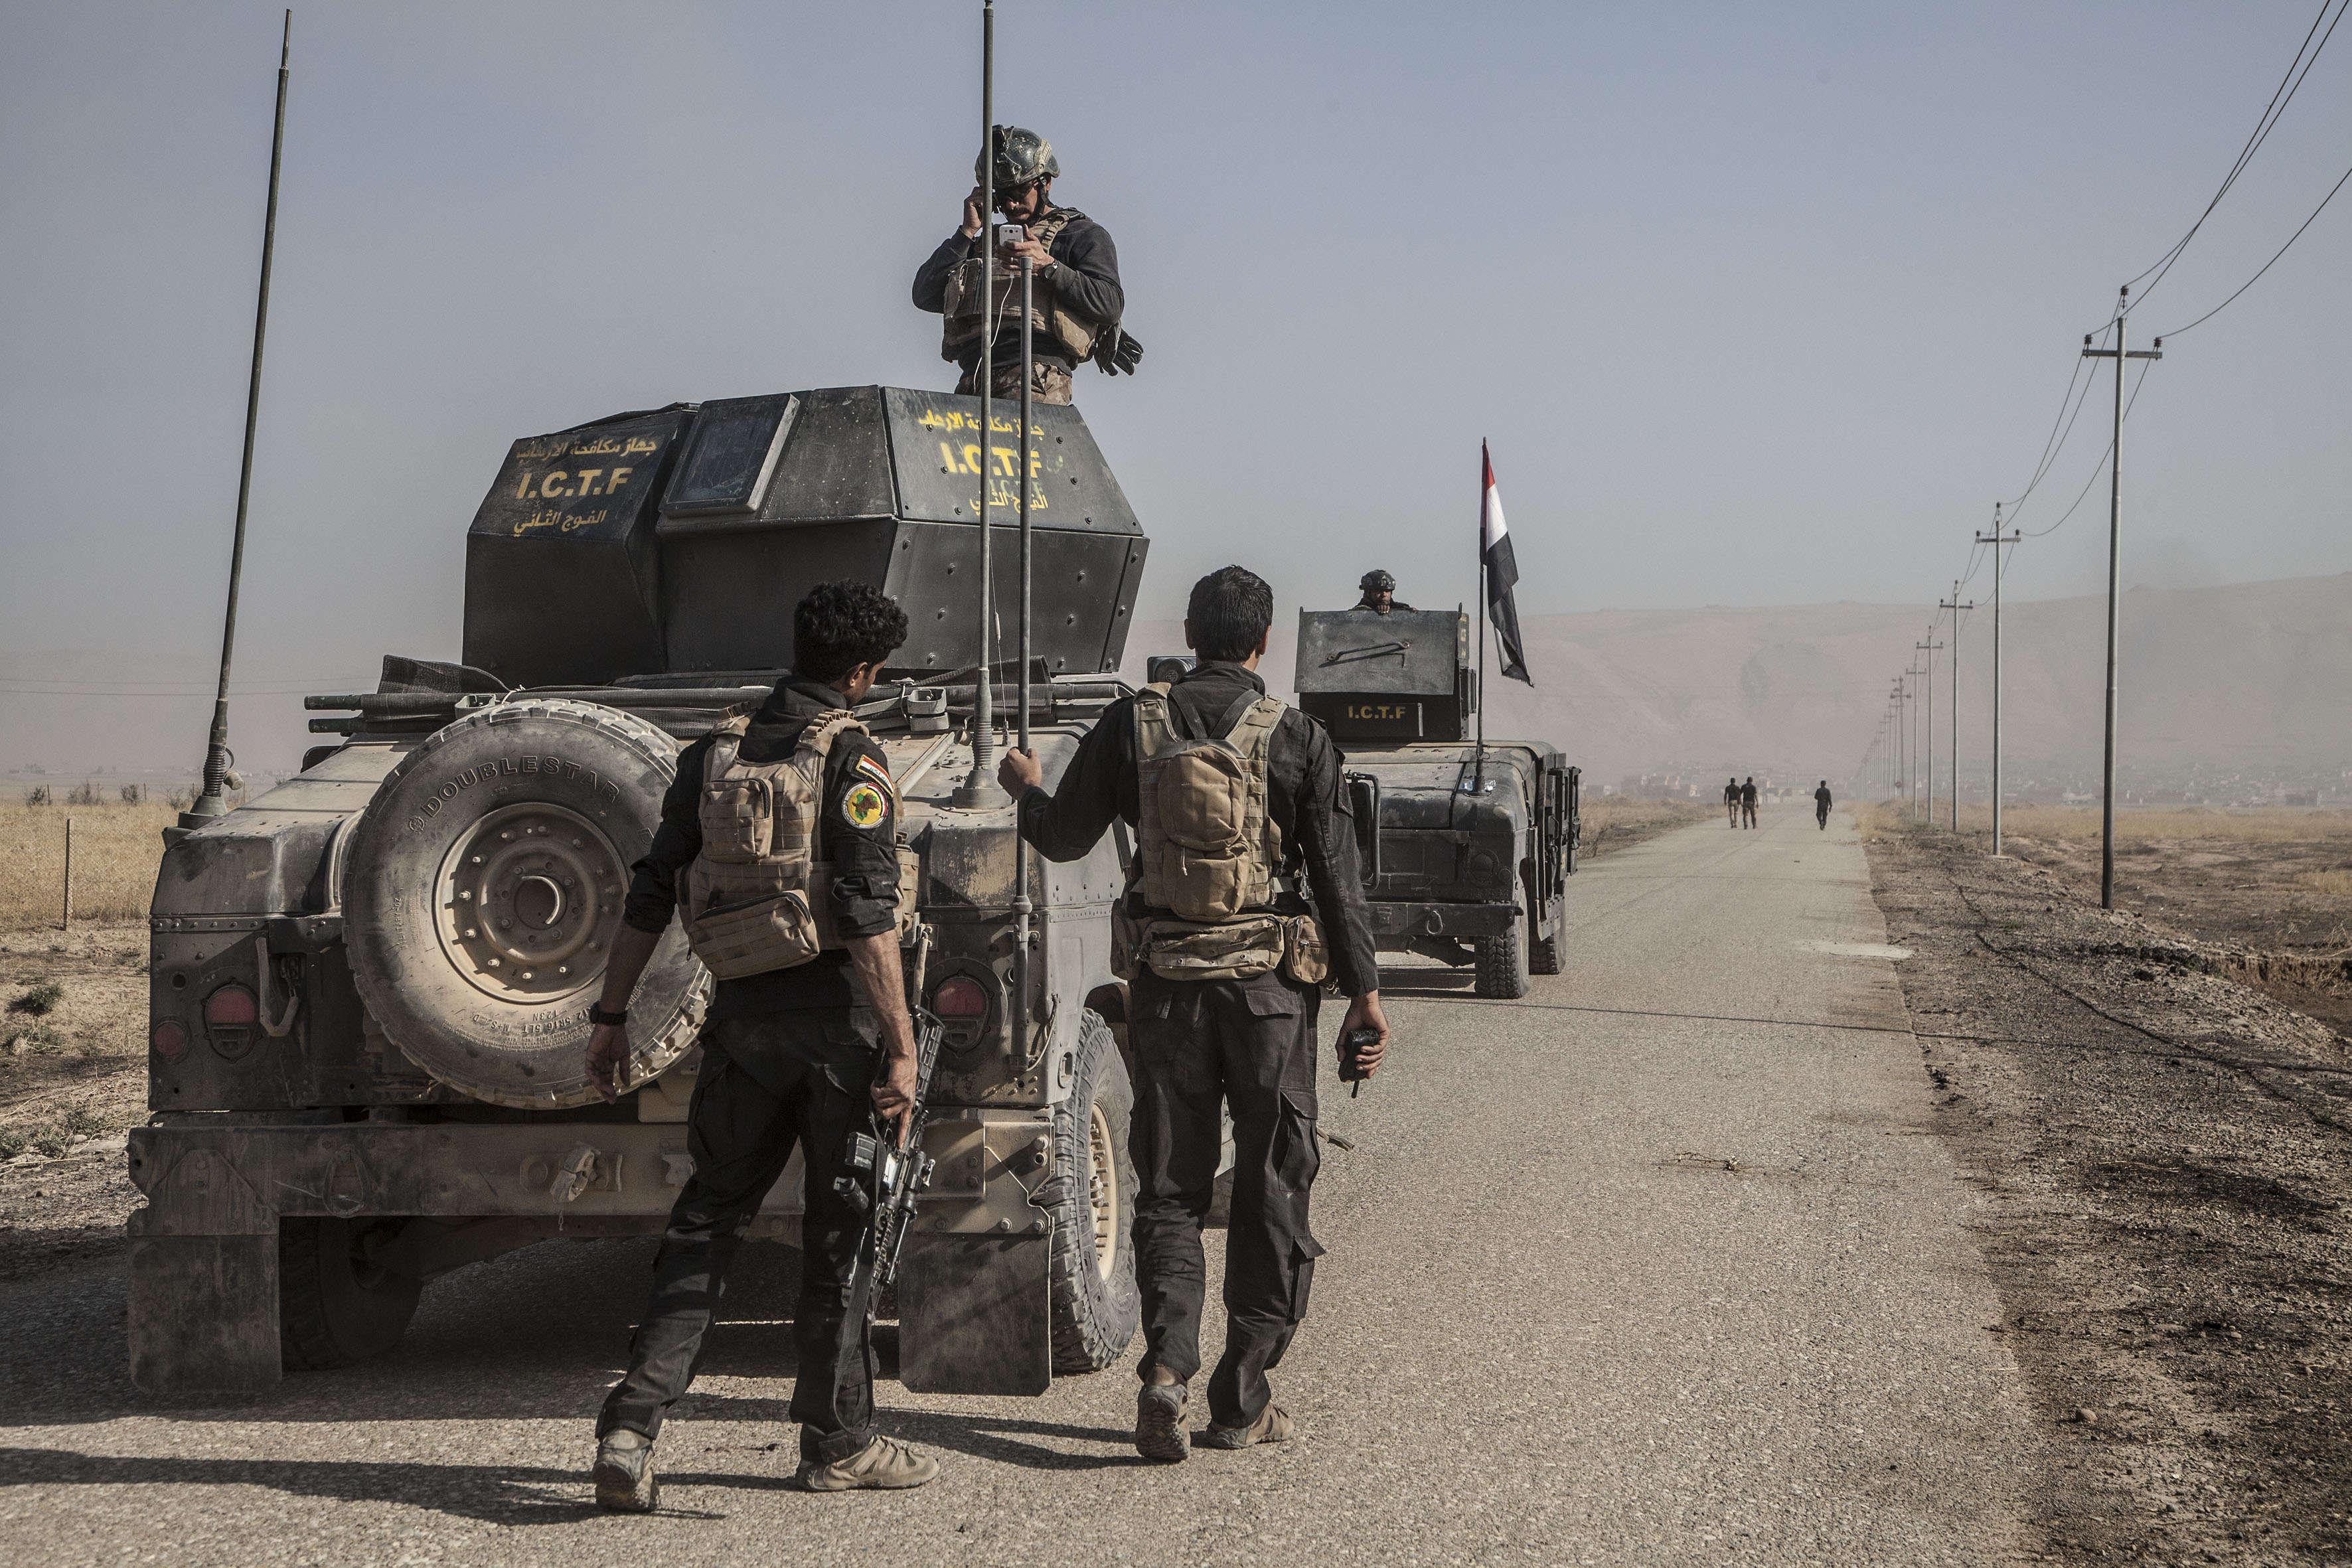 23 octobre. Des démineurs de l'armée irakienne avancent seuls la route qui sera empruntée pour l'attaque endirection de Mossoul menée par Isof 1 et 2.